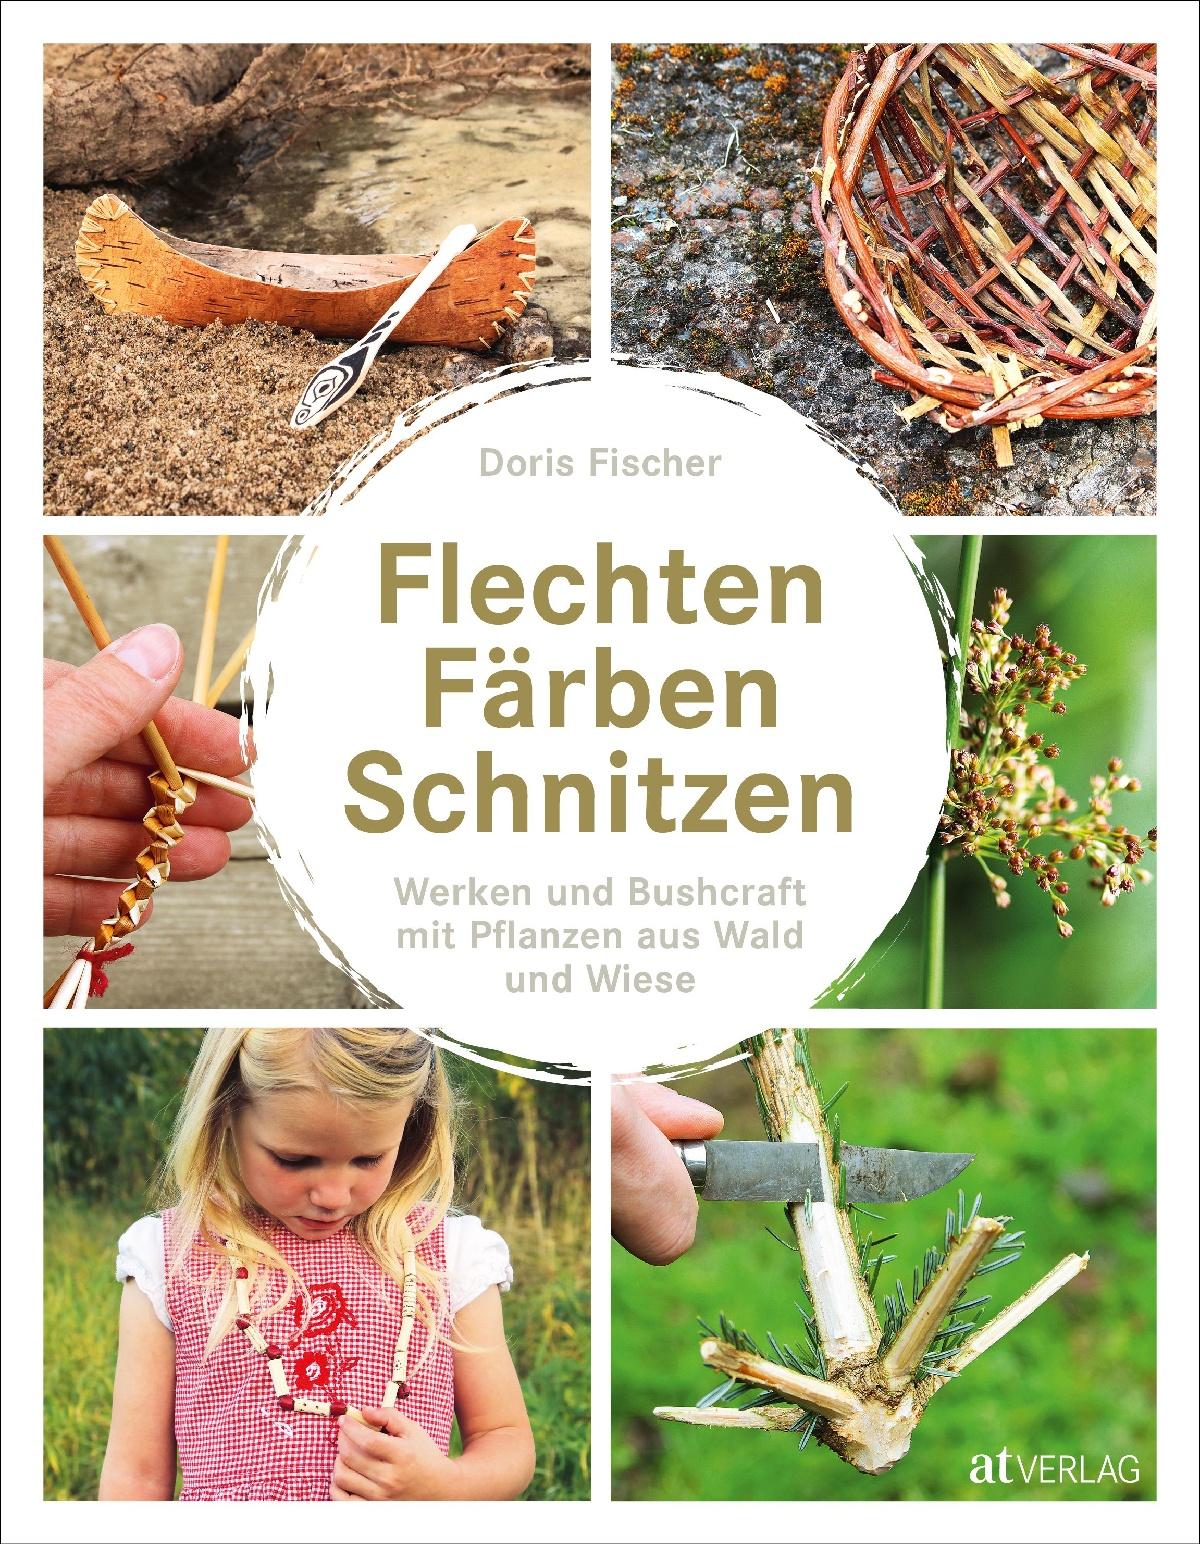 Buch: Flechten, Färben, Schnitzen von Doris Fischer • AT Verlag